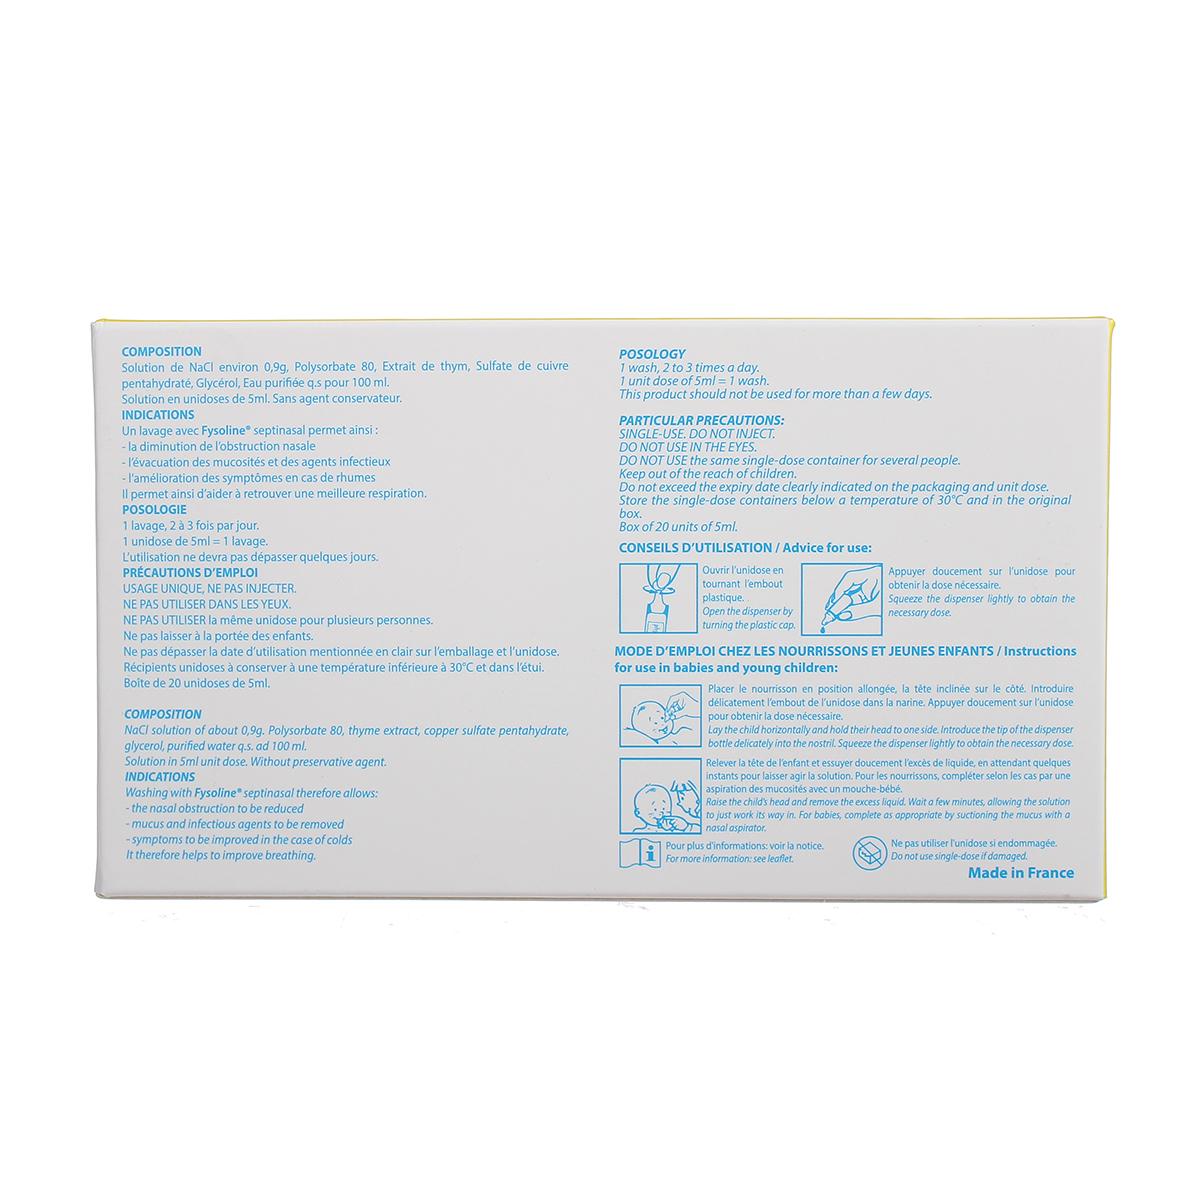 Nước muối sinh lý vệ sinh mũi đặc trị Fysoline vàng 5ml 20 ốngl